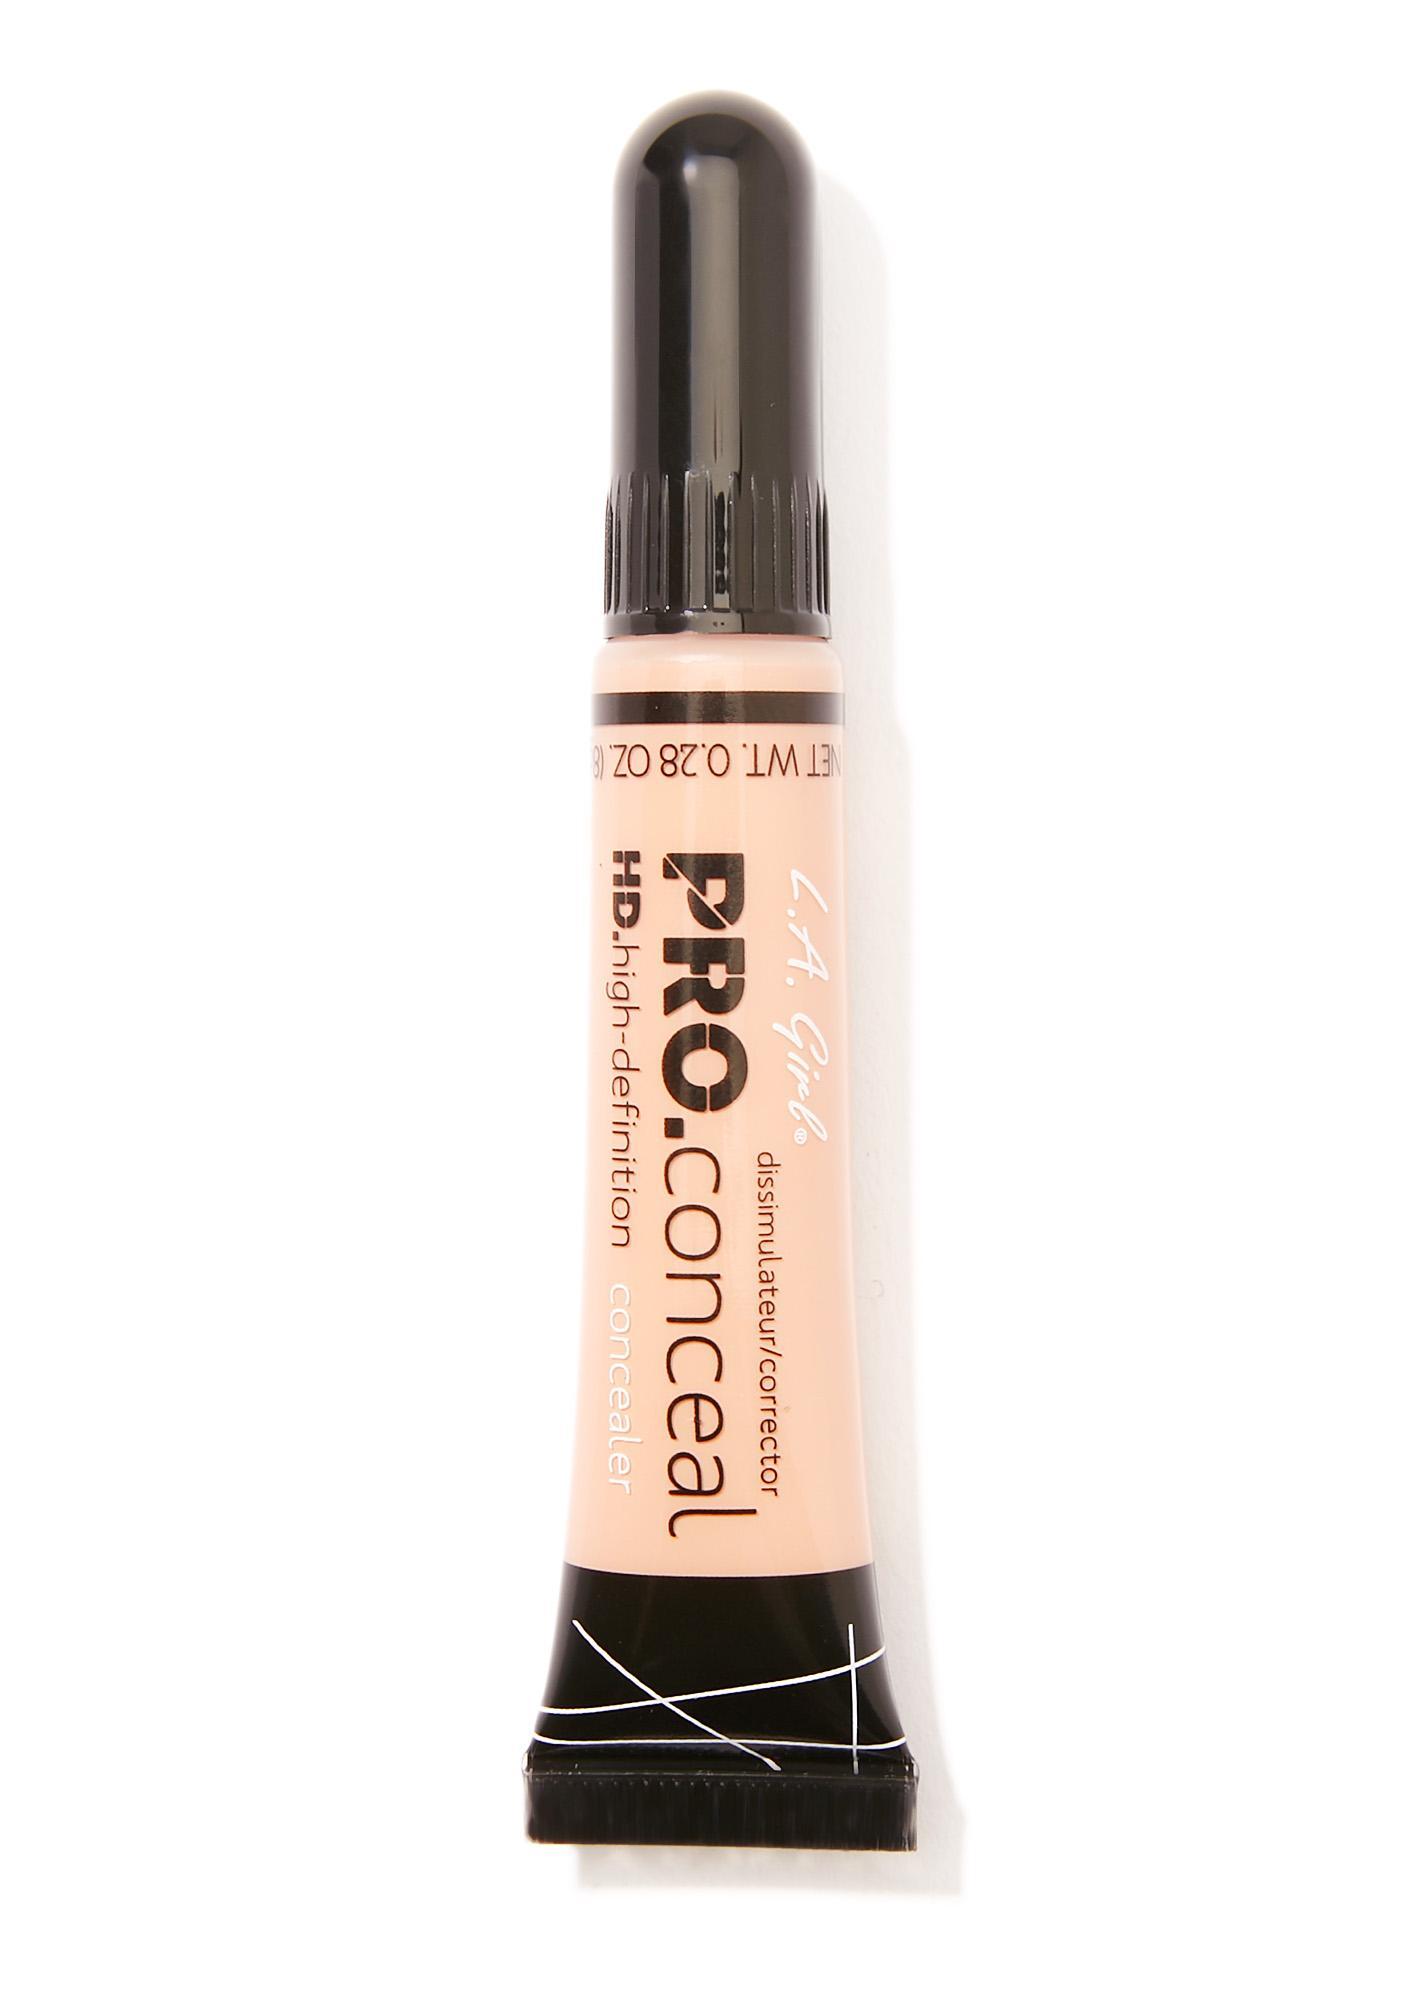 LA Girl HD Pro Peach Corrector Concealer